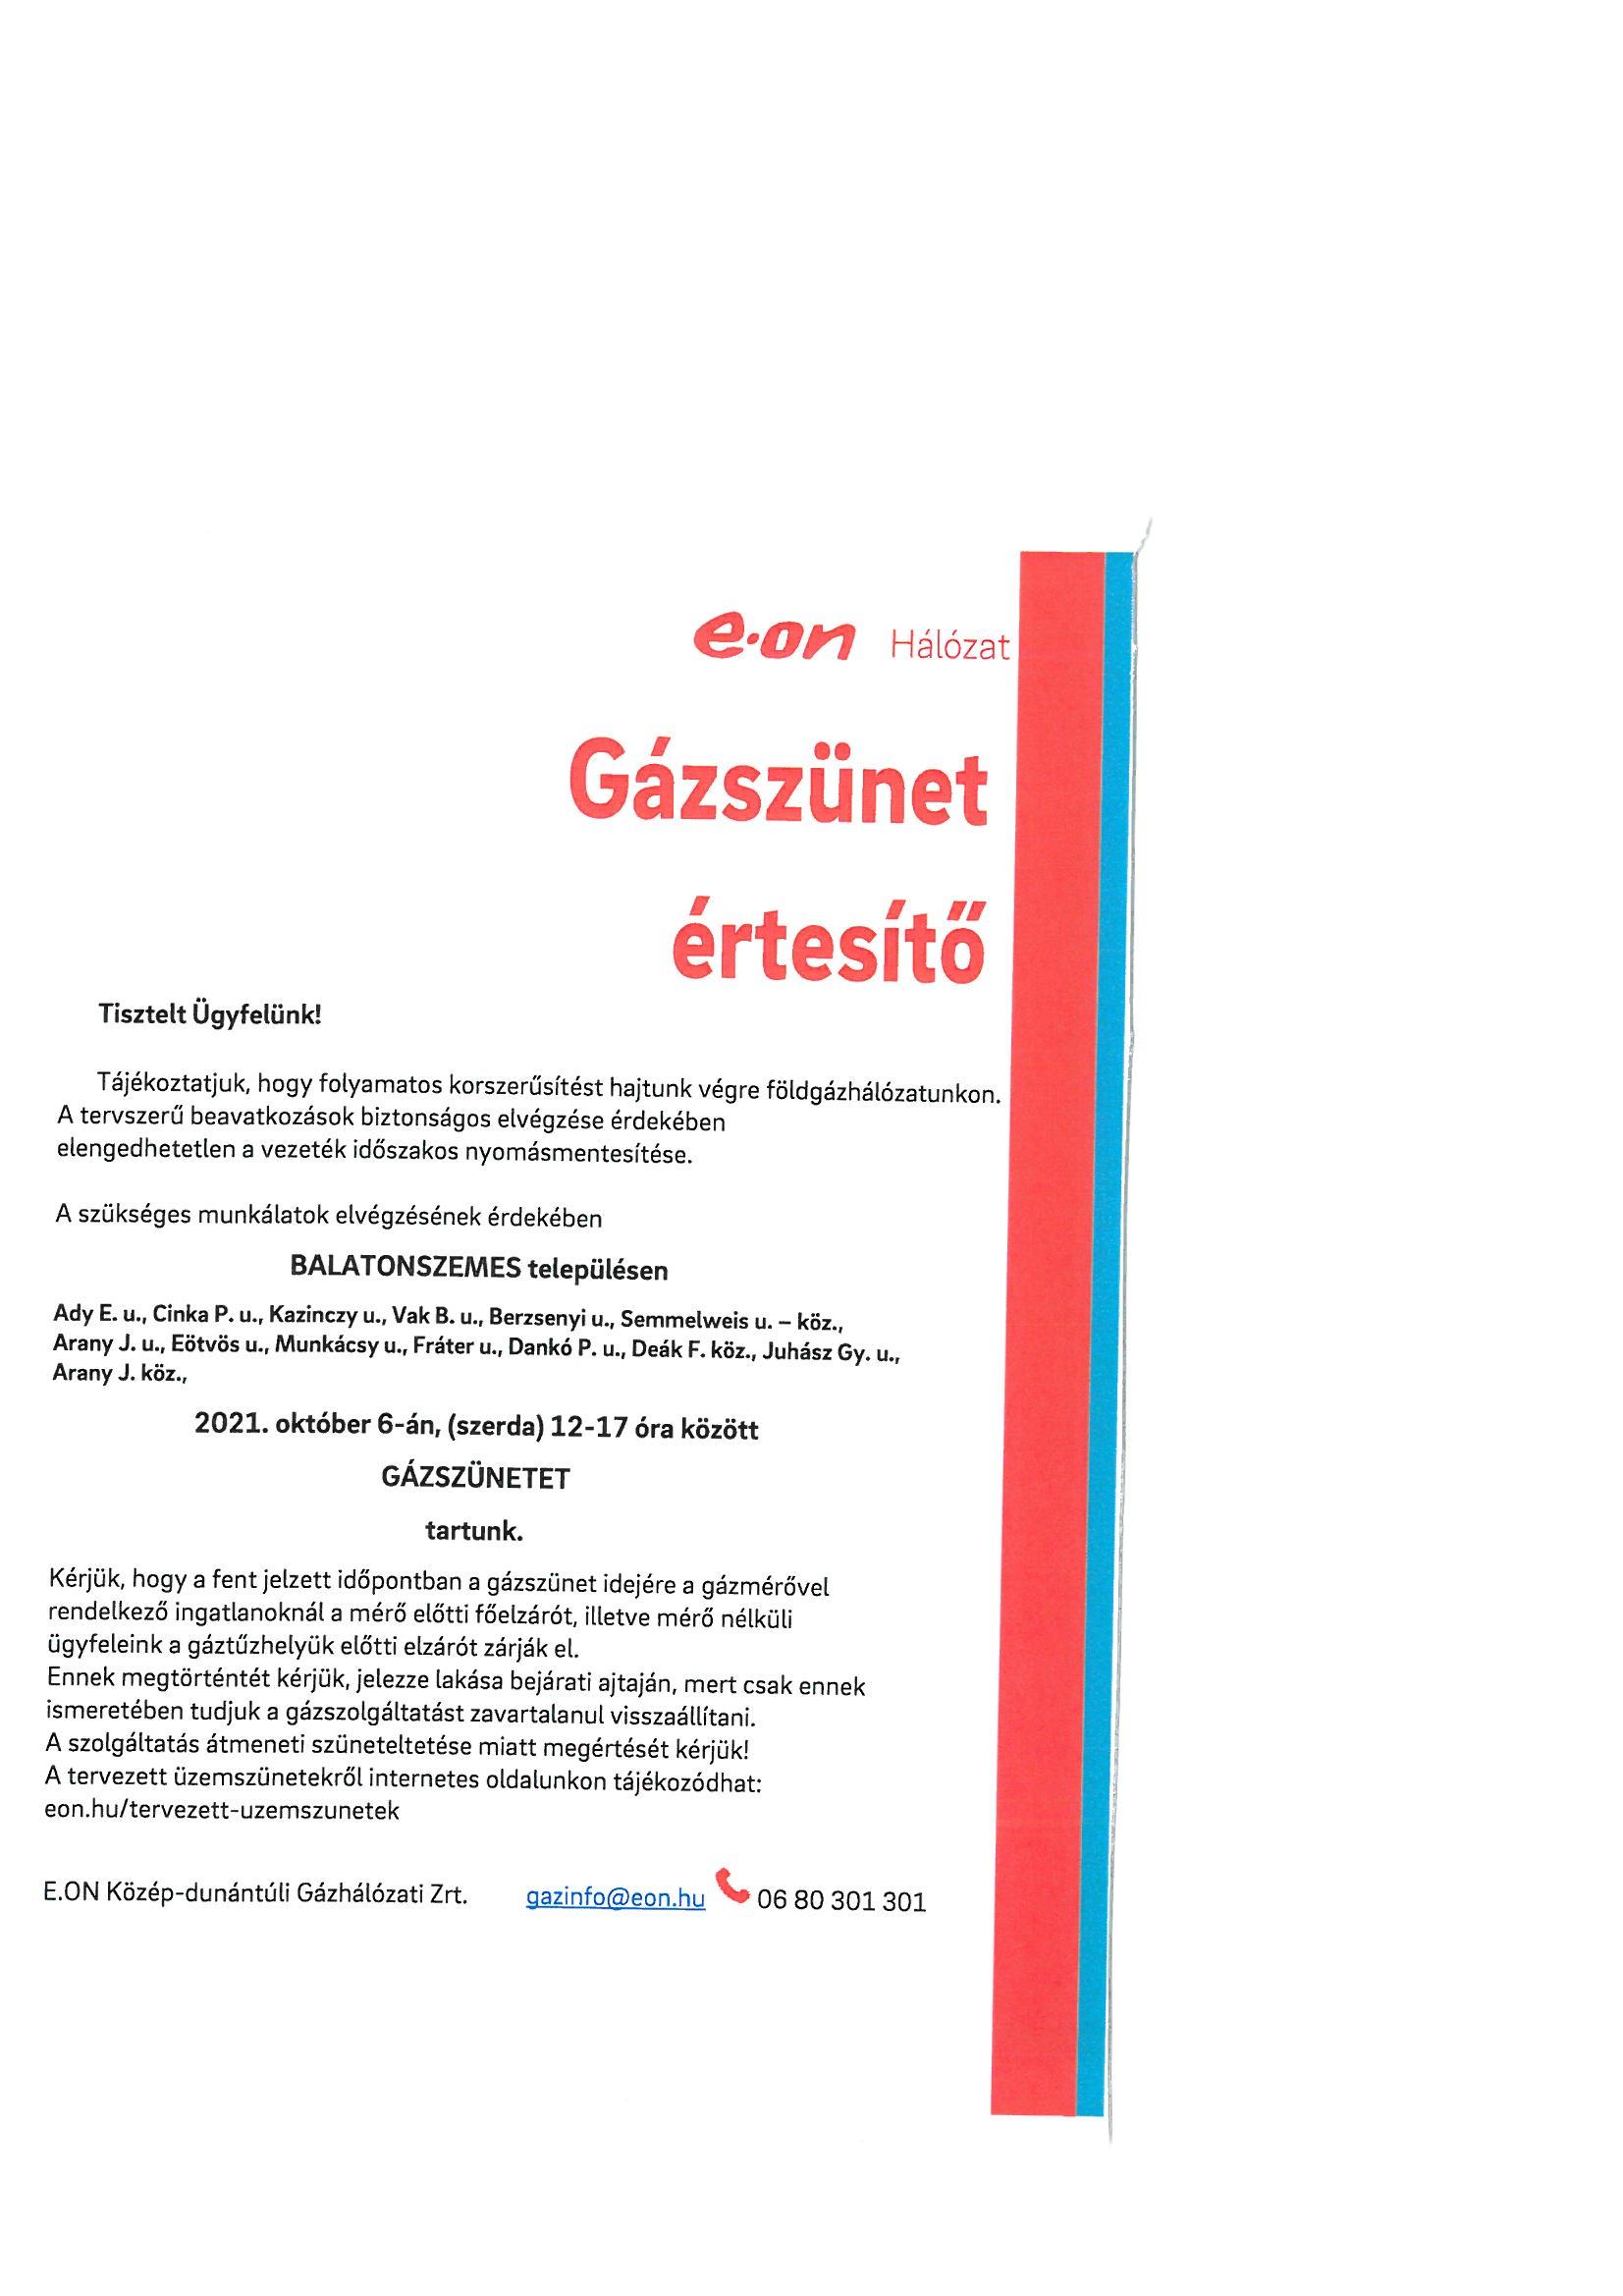 SKMBT C36021091410361 Értesítés gázszünetről